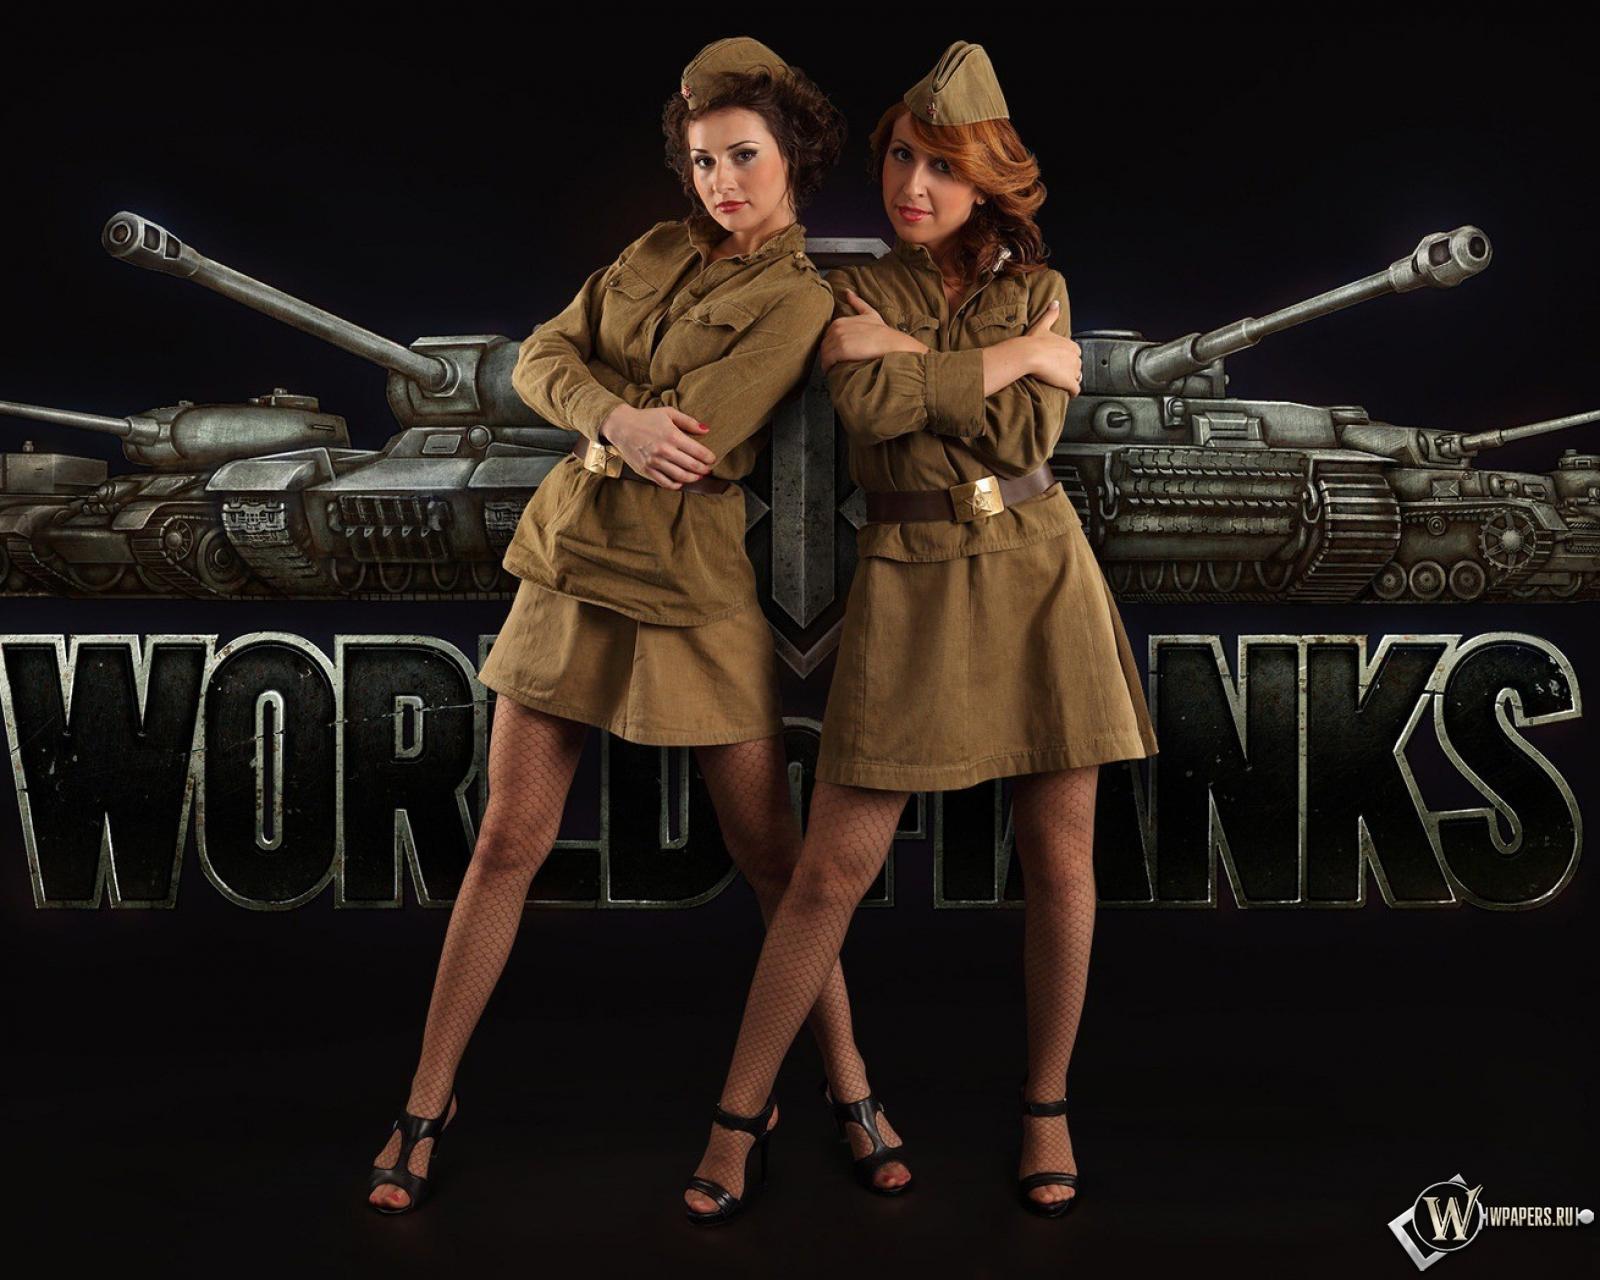 Картинки world of tanks на рабочий стол скачать бесплатно